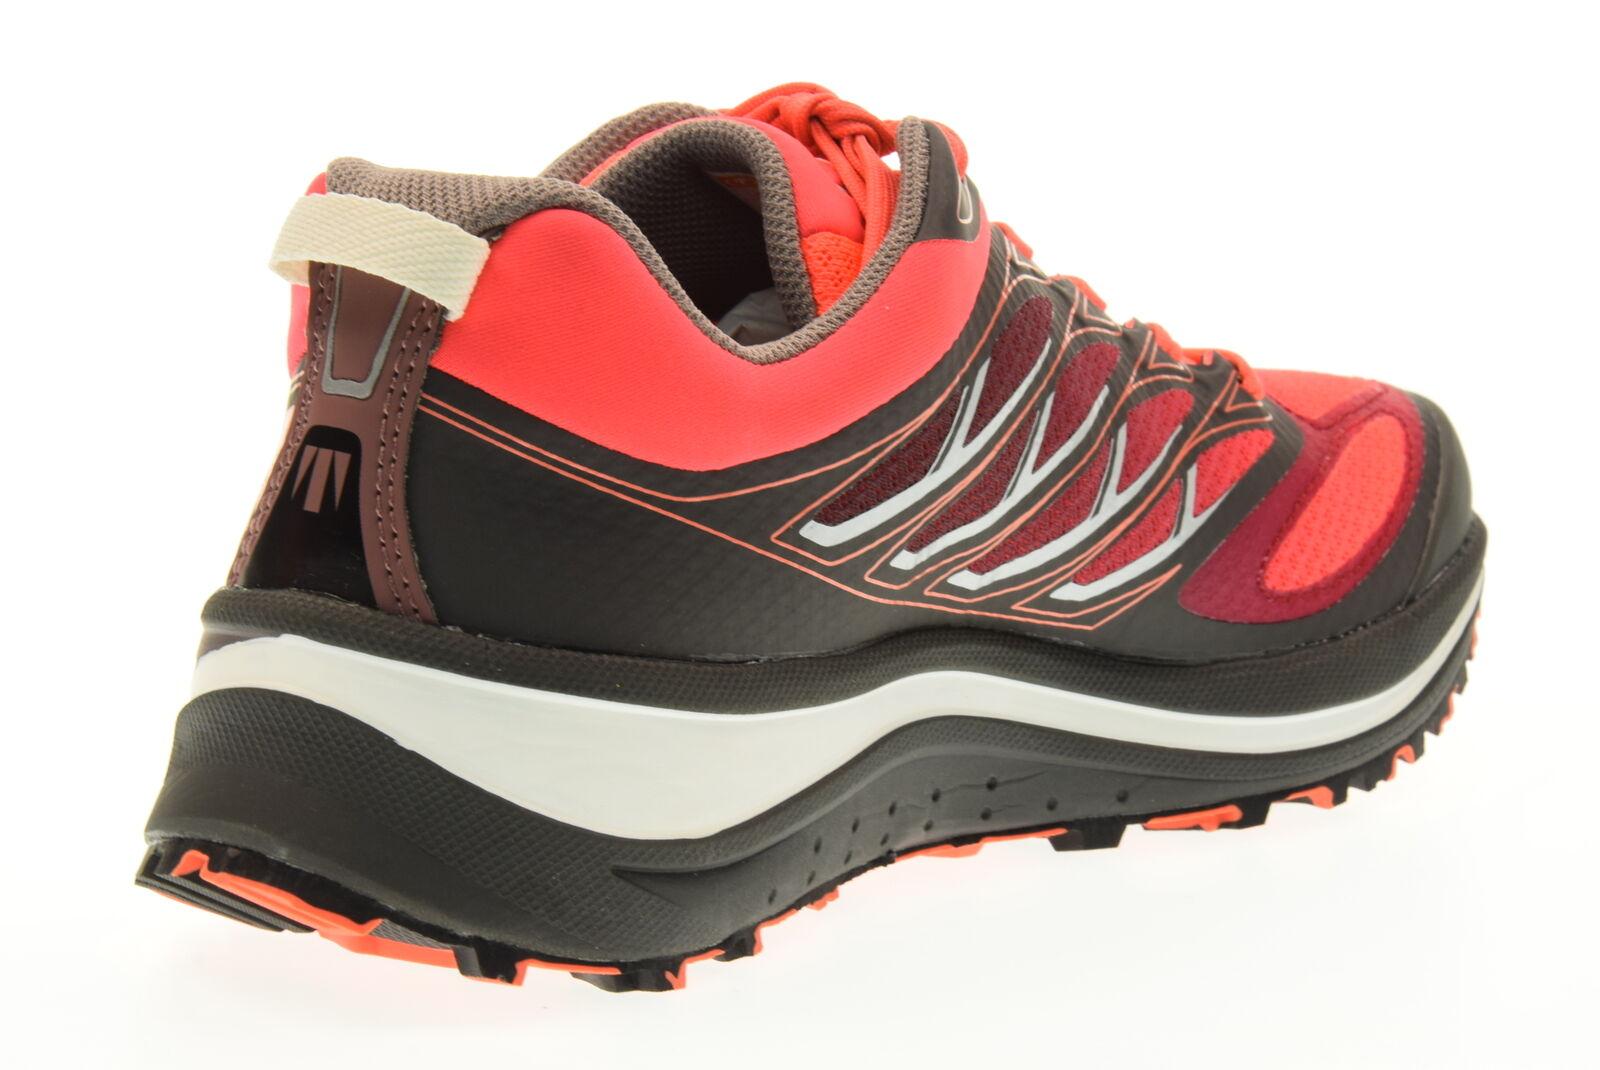 separation shoes 2c9f3 ec6f7 ... Tecnica P17f bas chaussures pour femmes espadrilles 212226 00015 00015  00015 RUSH WS E-LITE ...